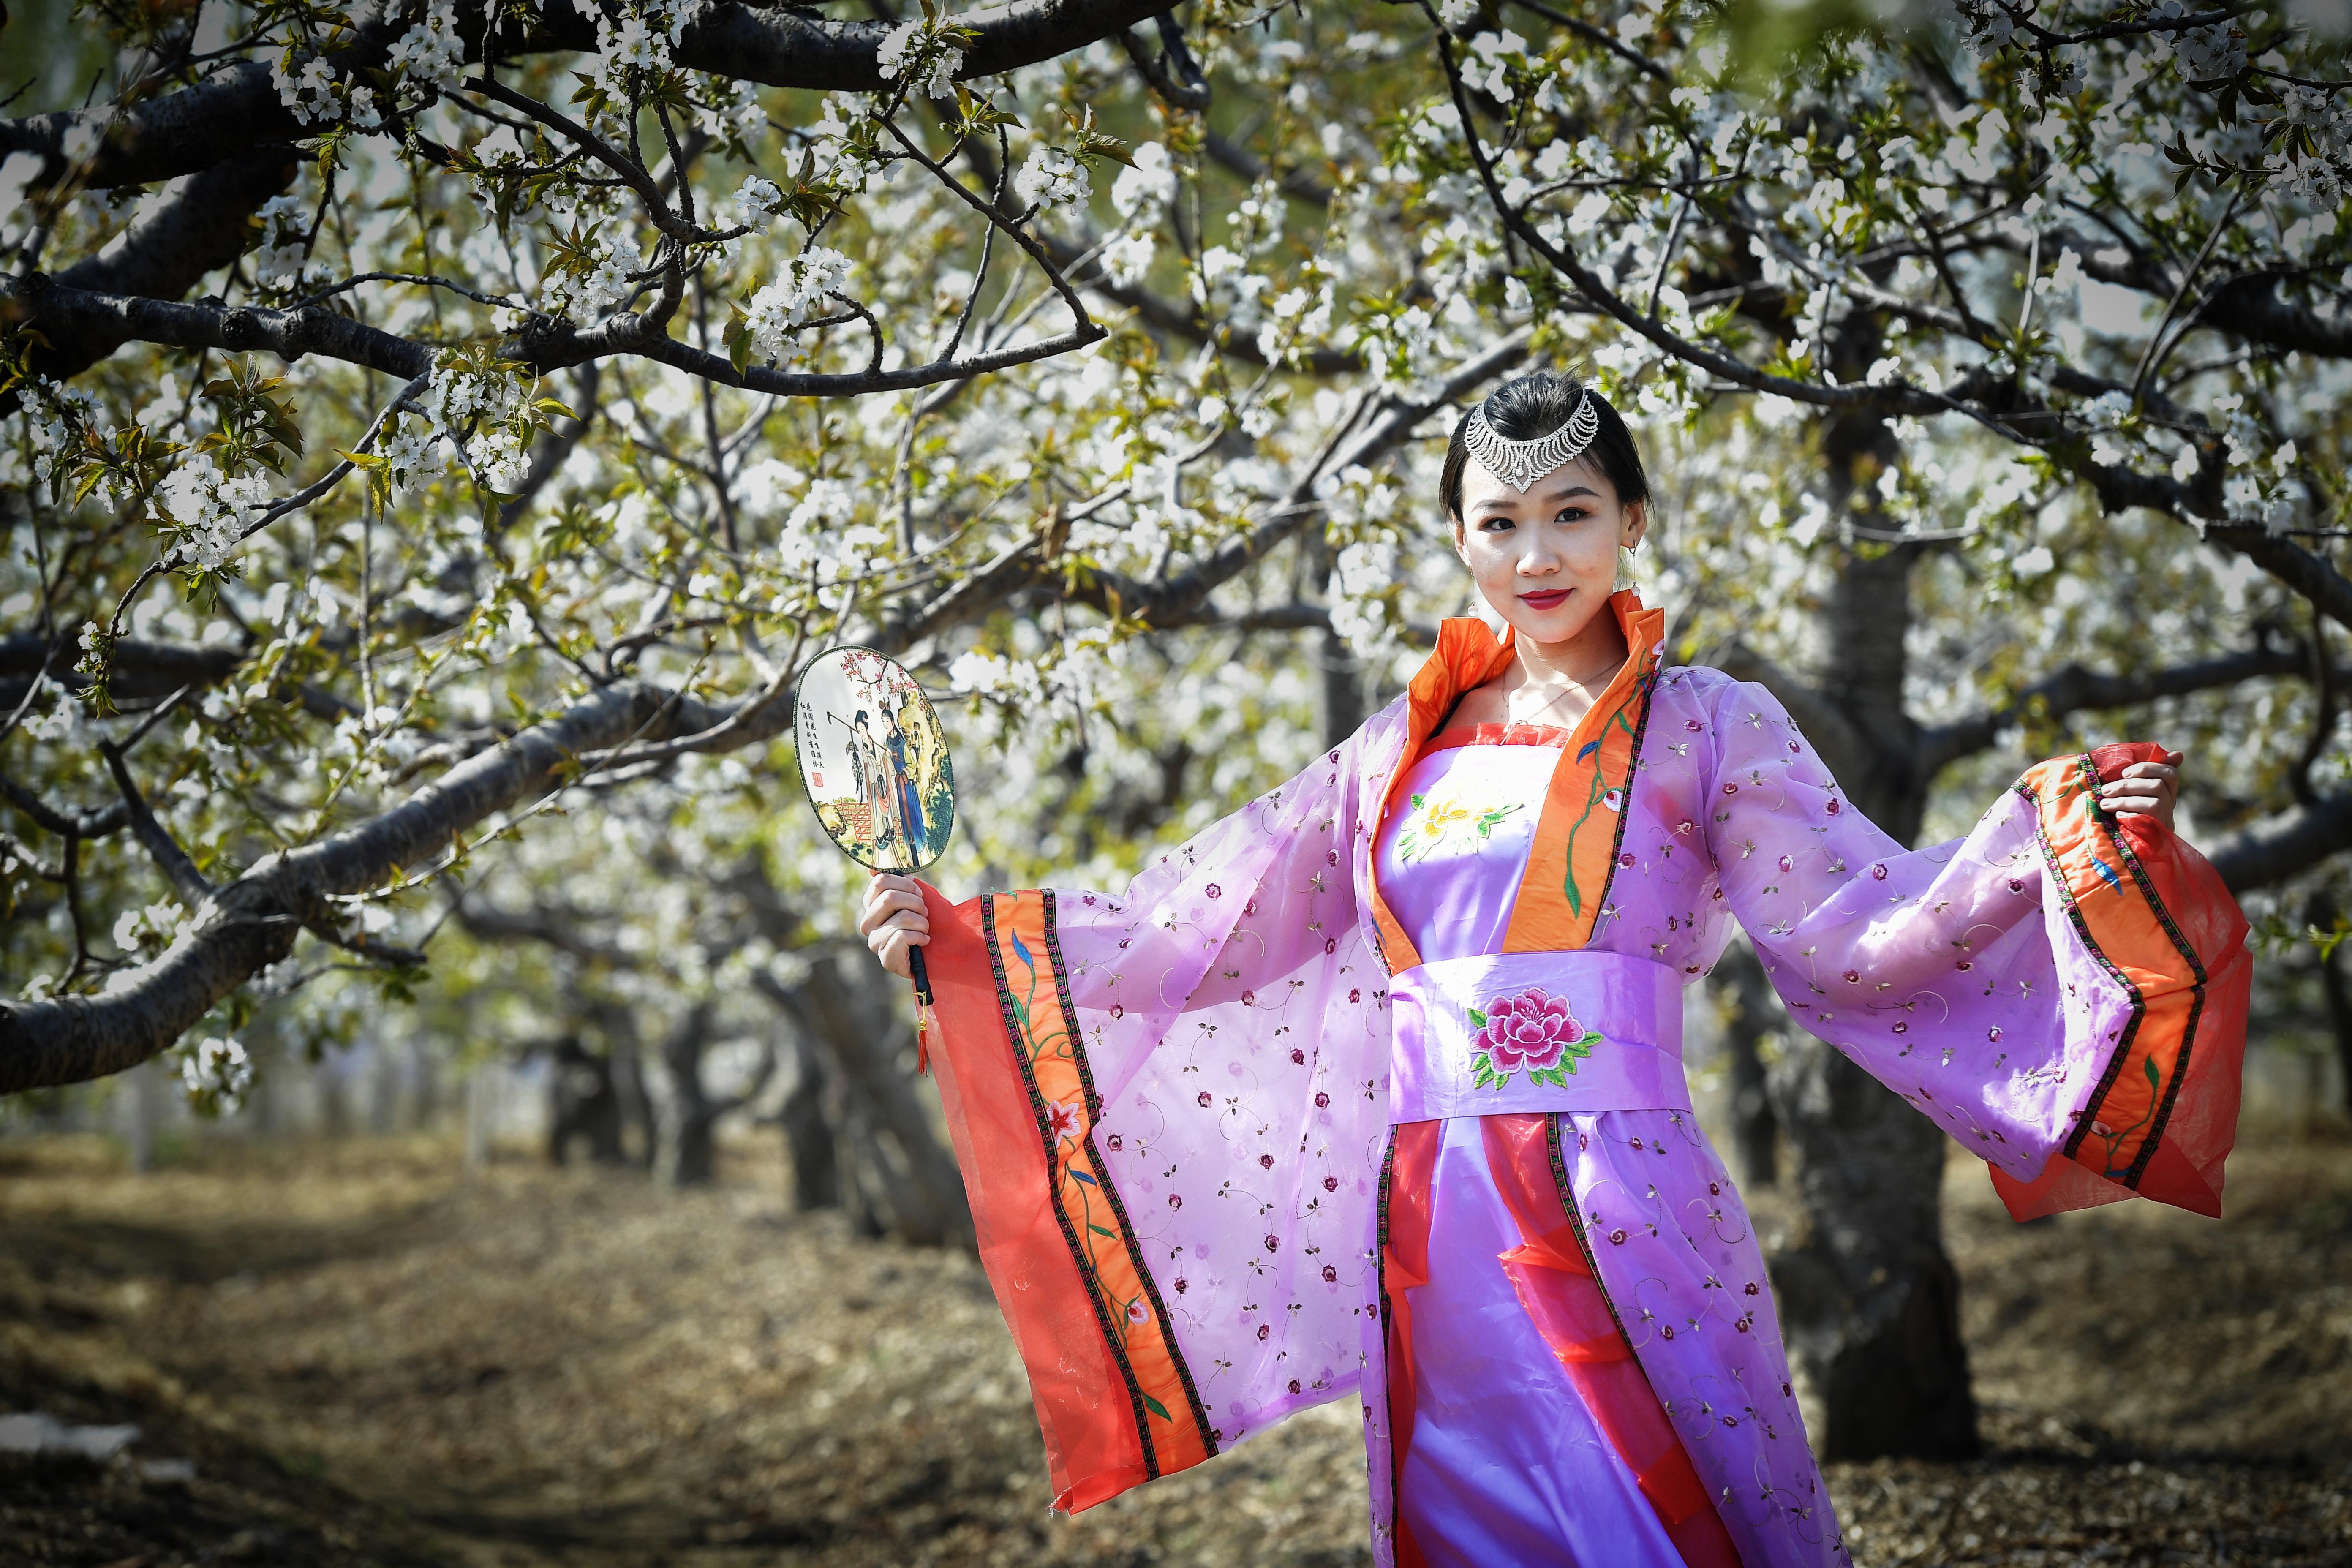 北京西集变花海,万亩樱桃花成模特